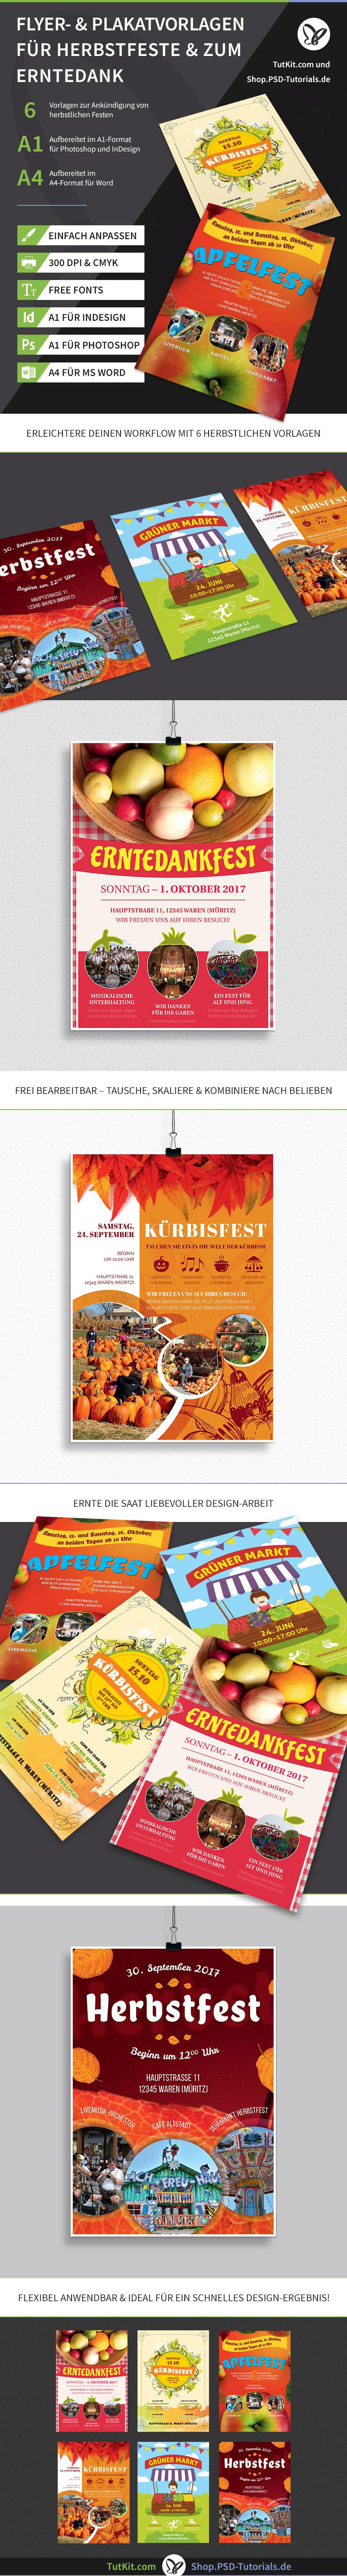 Überblick über die Vorlagen zur Gestaltung von Plakaten und Flyern für Herbstfeste